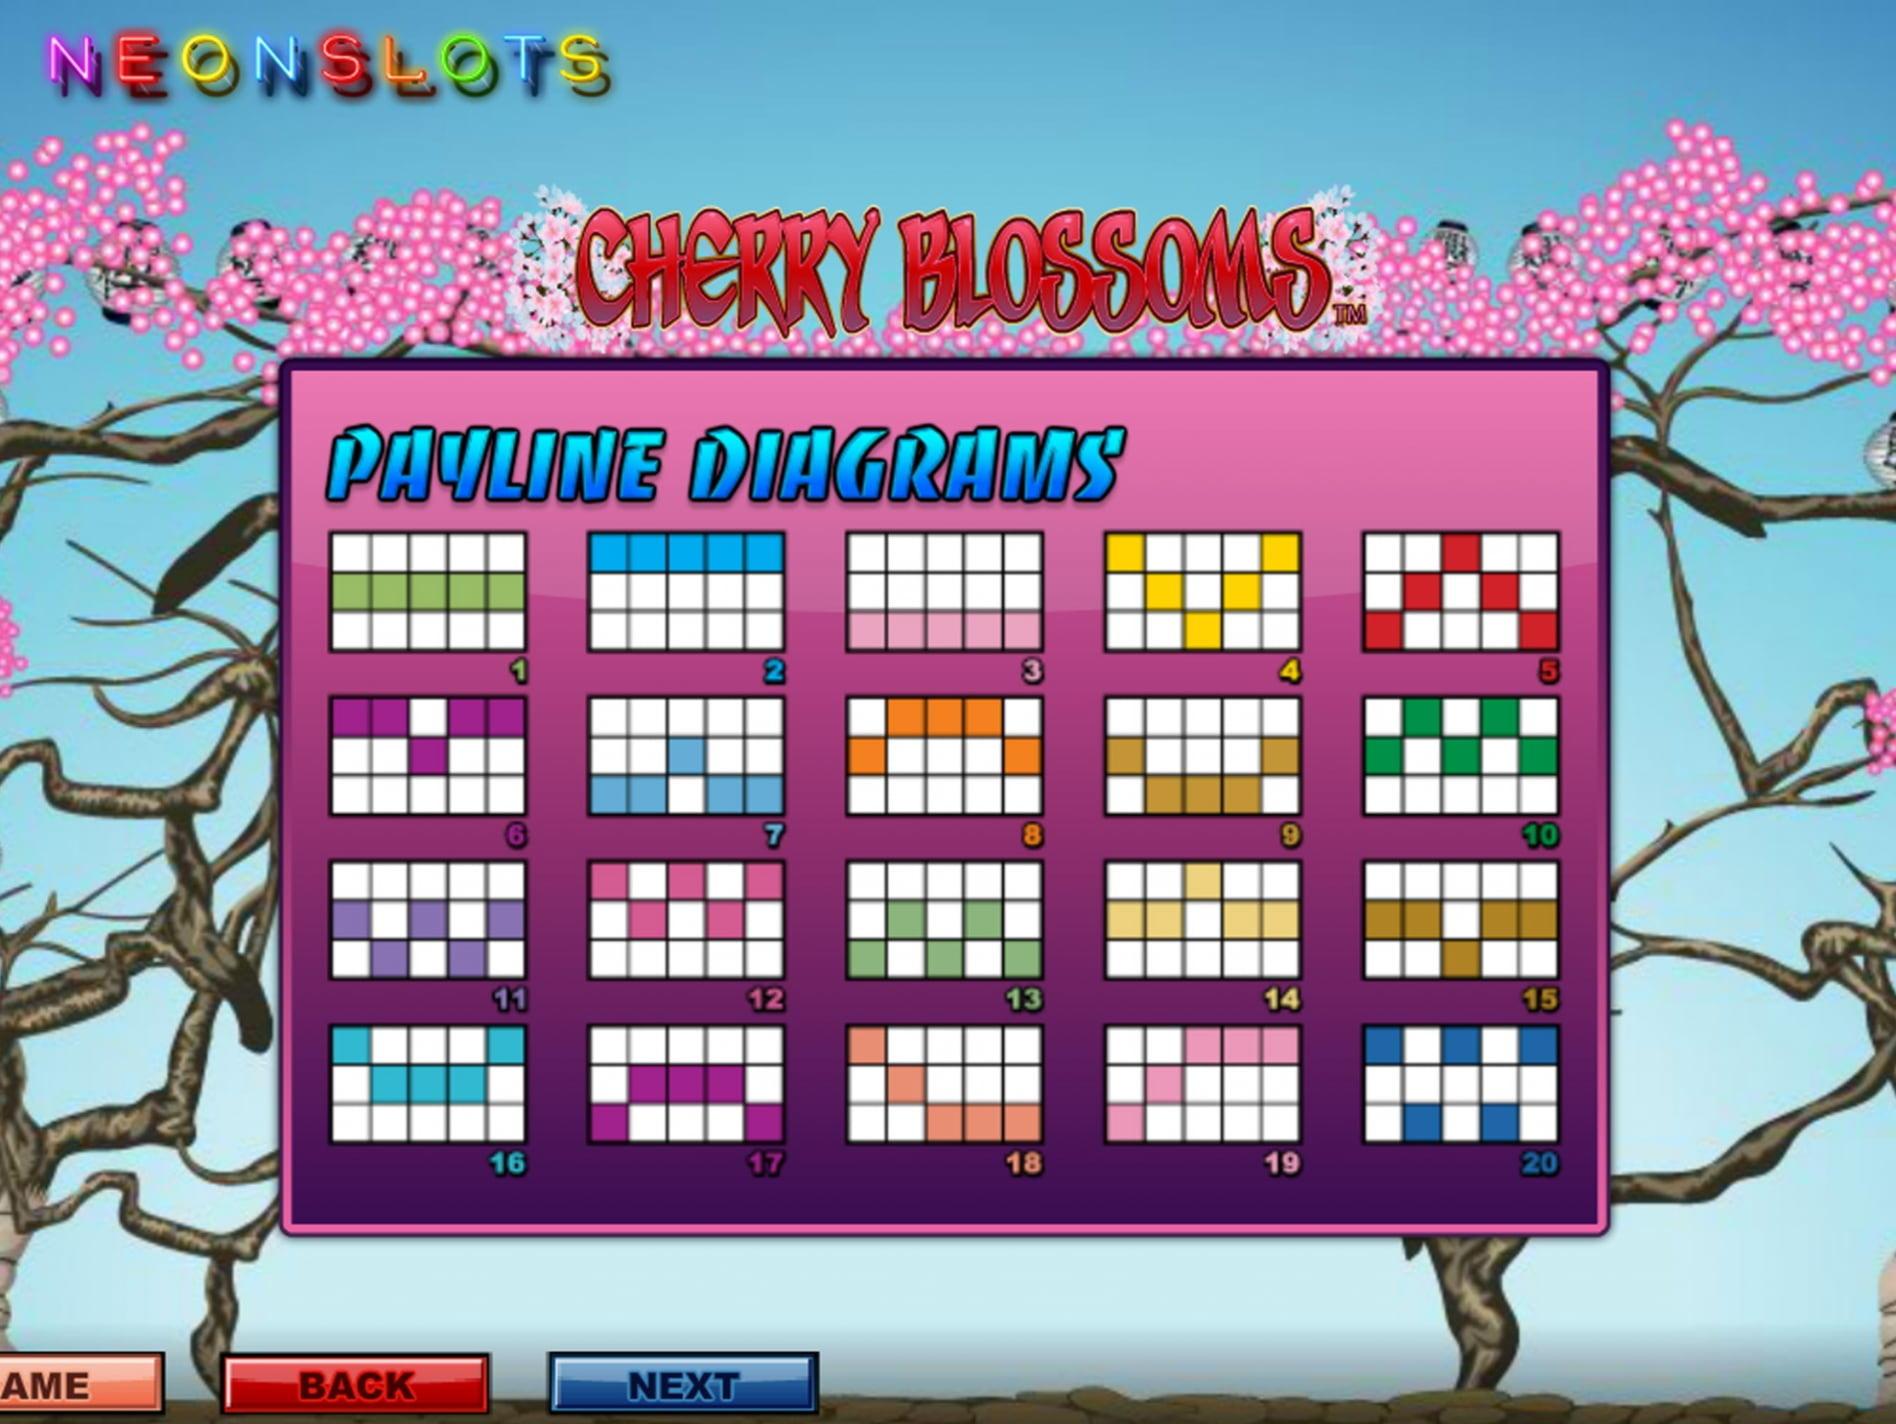 175 Free- ը Casinos- ի On Net- ում ոչ մի կազինո չէ